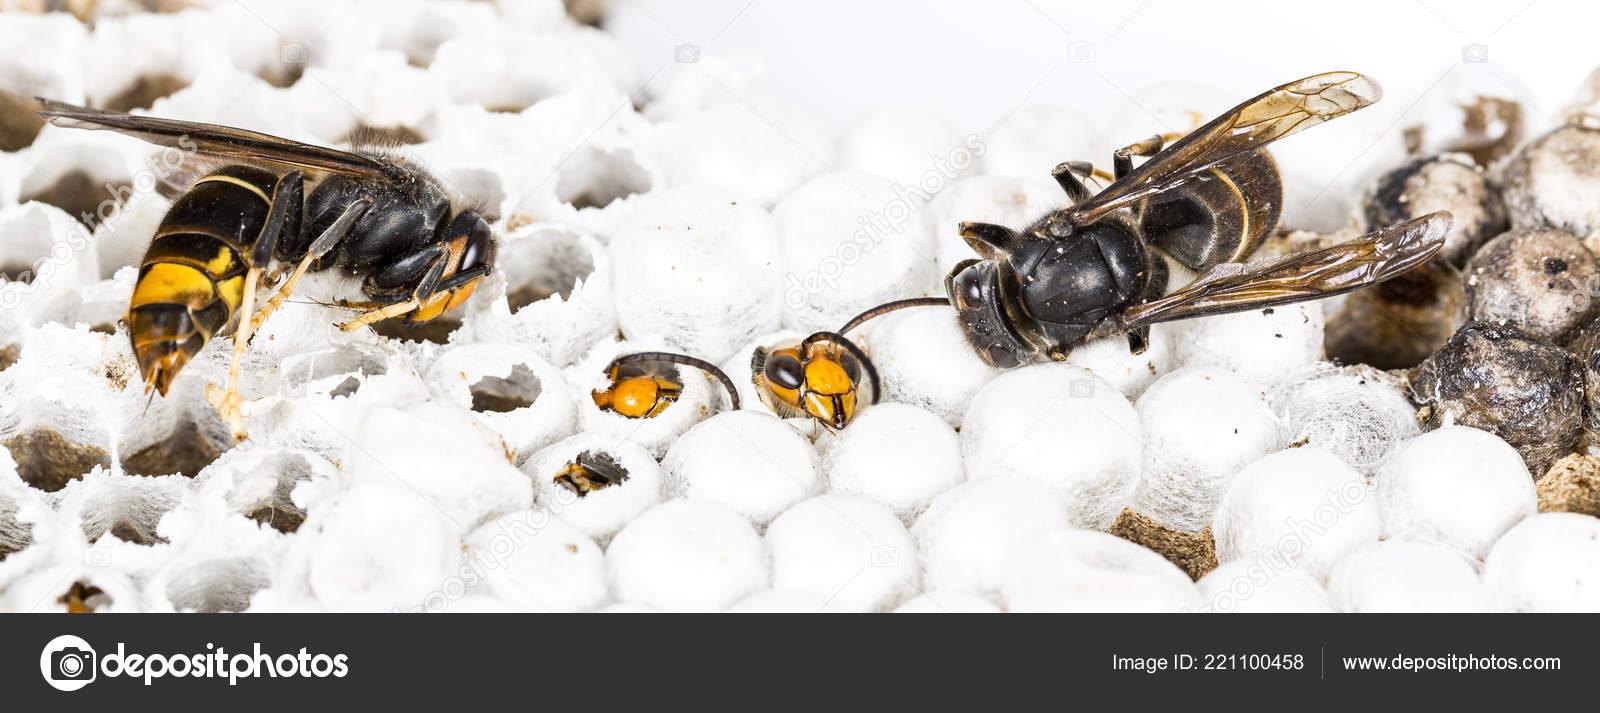 8f633a3a00 Chiuda in su del vivo e testa Vespa calabrone asiatico morto sul nido Nido  d'ape insetto macro. Colonia animale del veleno. Concetto di pericolo nella  ...